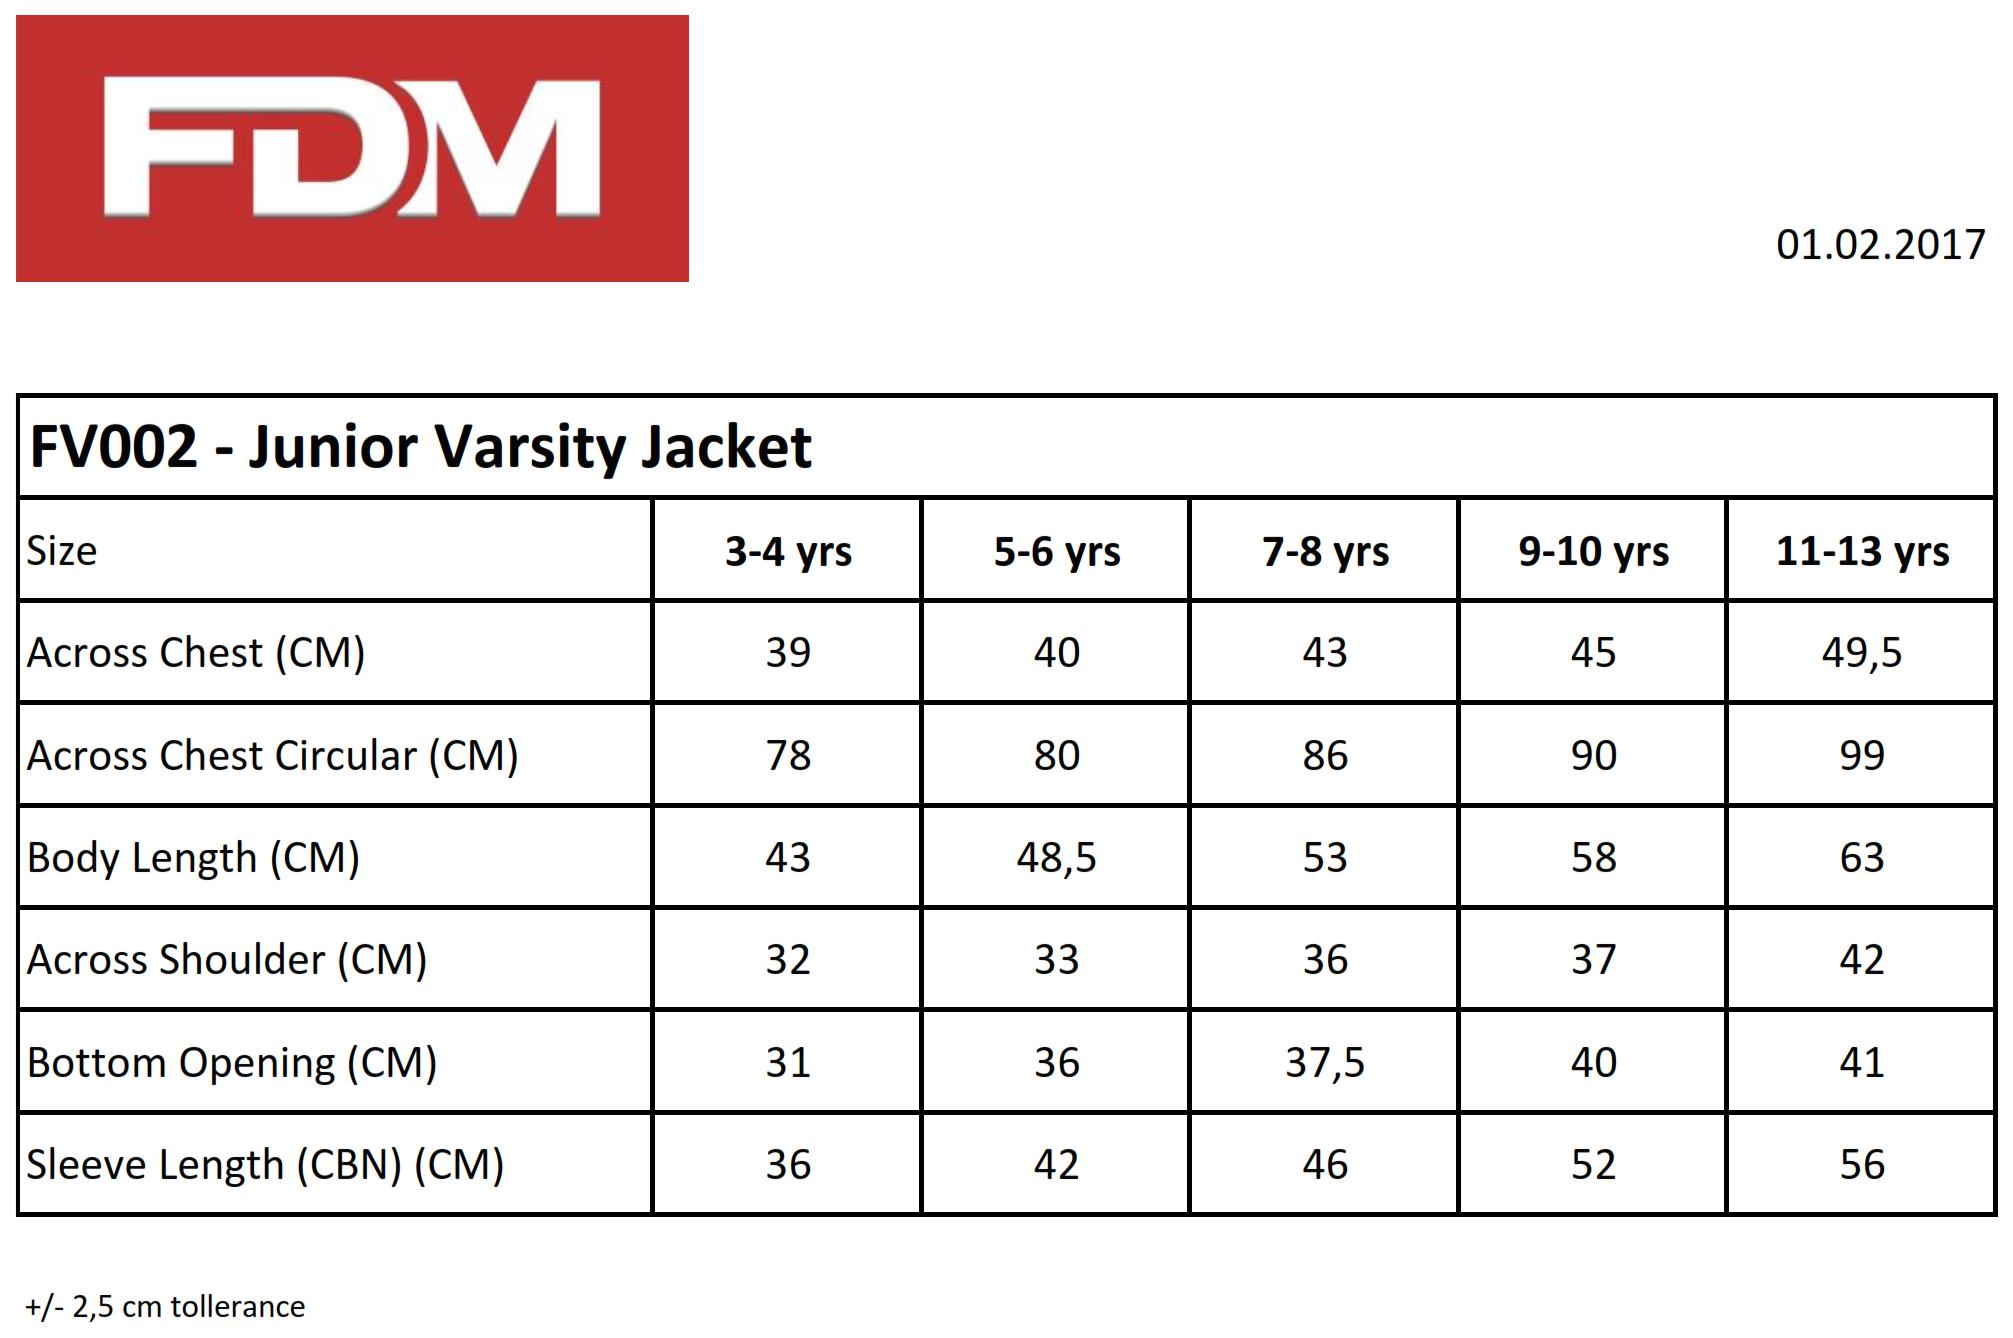 FDM: Kids` College Jacket FV002